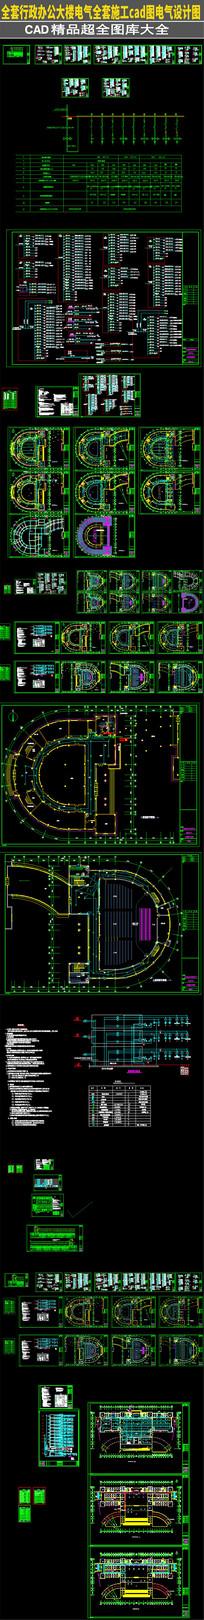 行政办公大楼电气全套施工cad电气设计图